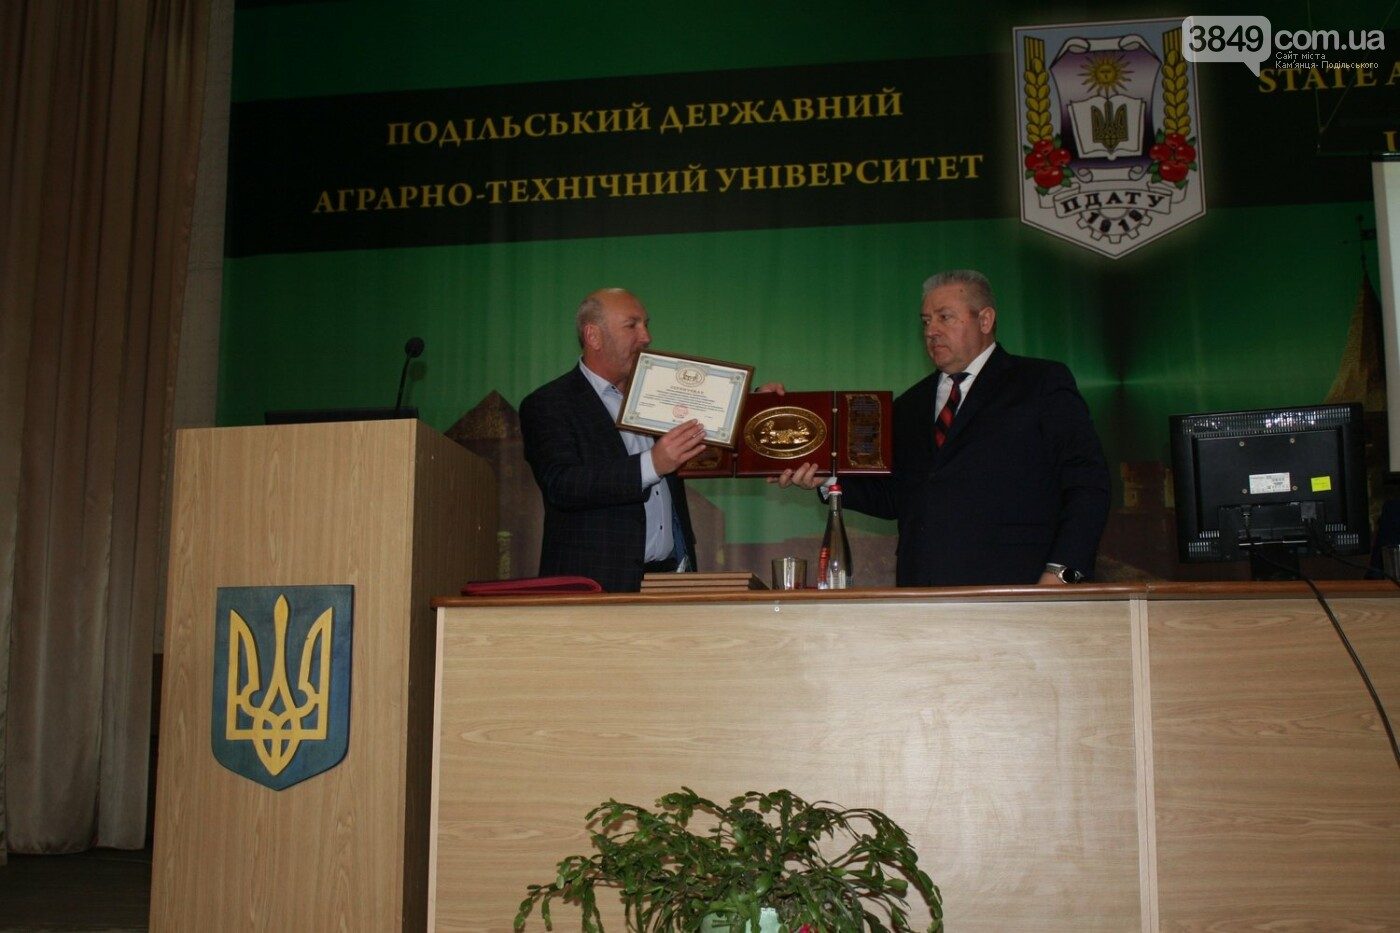 Подільський державний аграрно-технічний університет отримав нагороду «Золотий символ якості національних товарів та послуг», фото-8